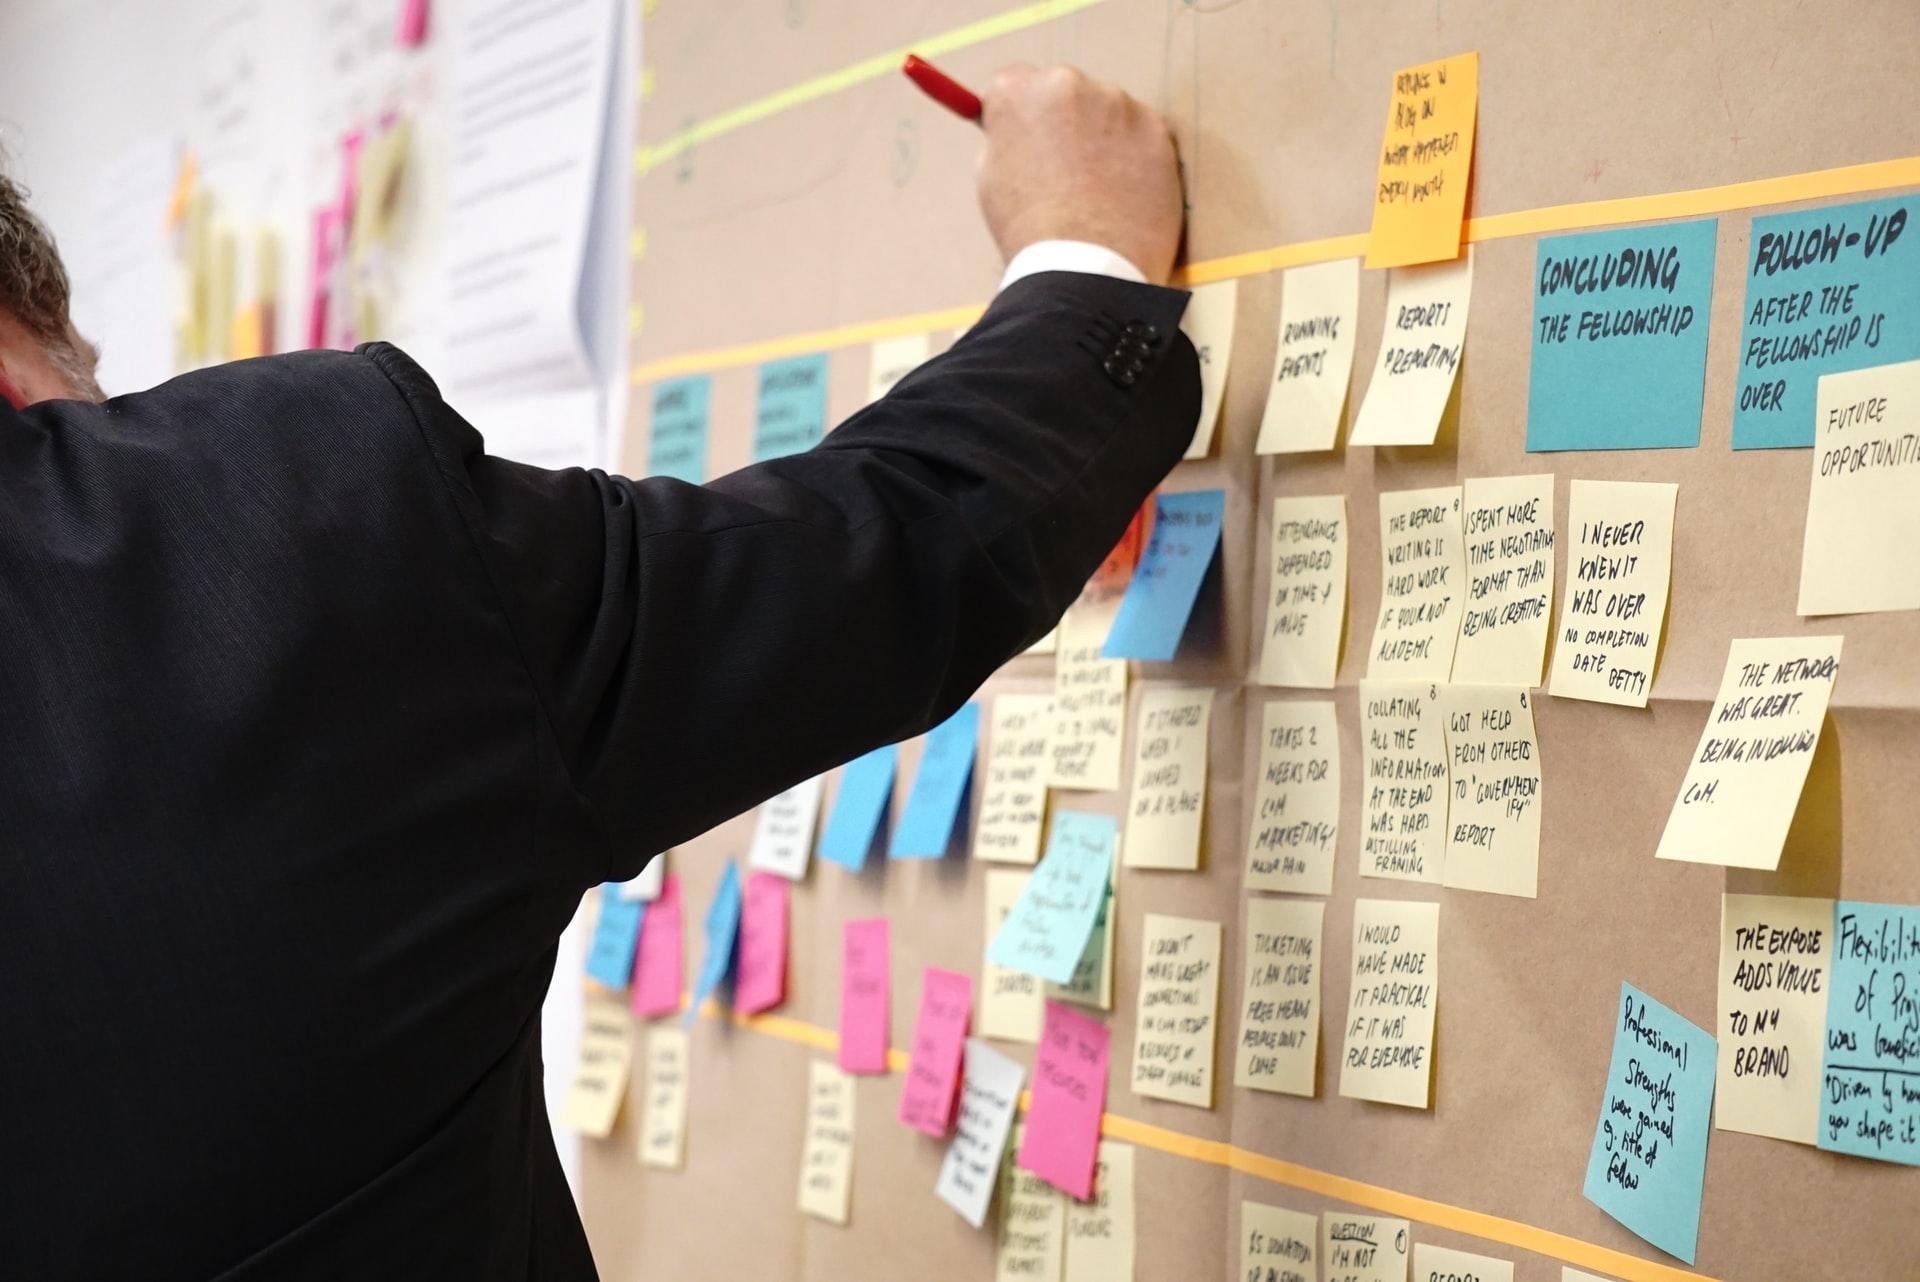 マネジメントツールおすすめ比較10選|プロジェクト管理や組織運営を効率化